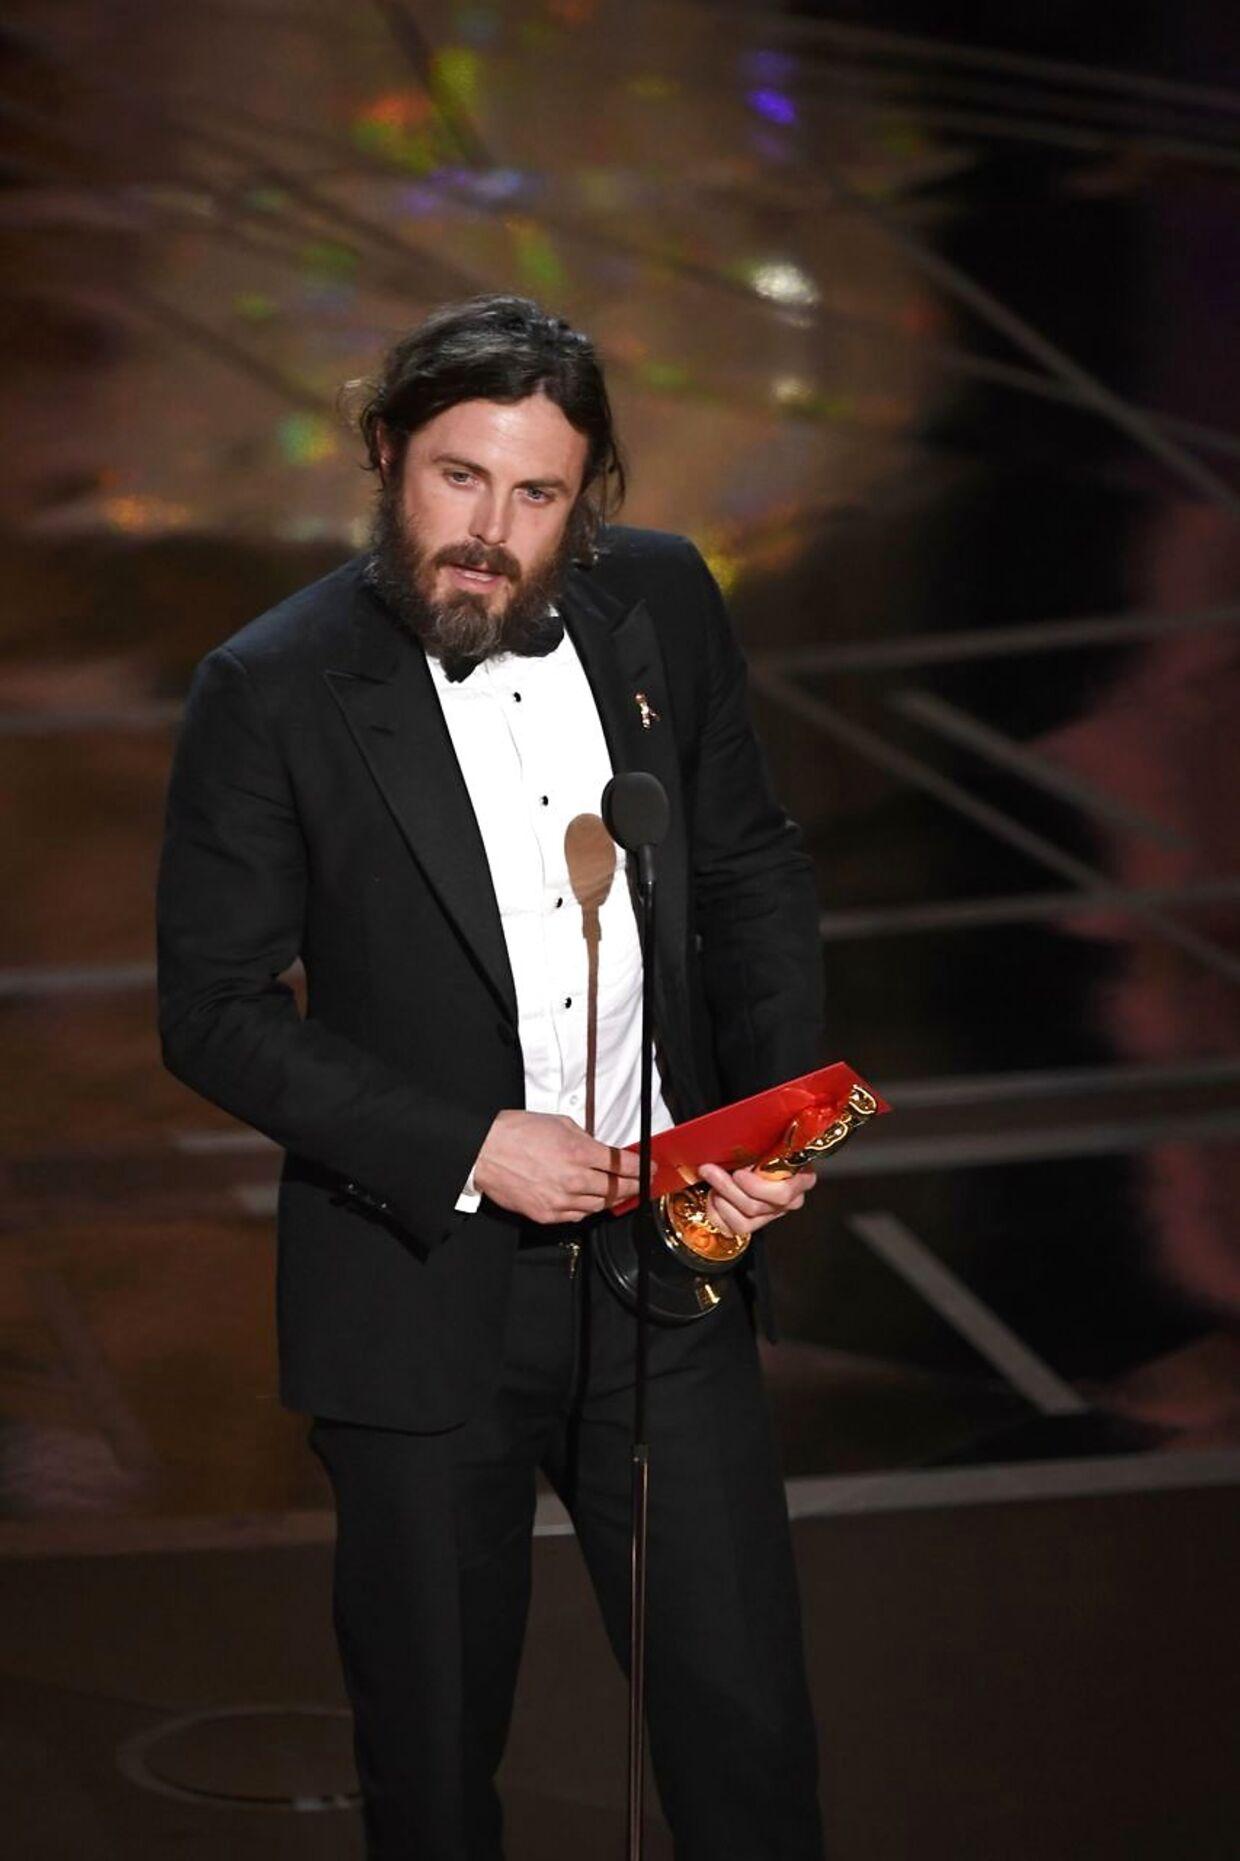 """Casey Affleck holder takketale, efter han har vundet prisen for bedste mandlige hovedrolle for sin præstation i filmen """"Manchester By The Sea"""" den 26. februar, 2017 i Hollywood, Californien."""